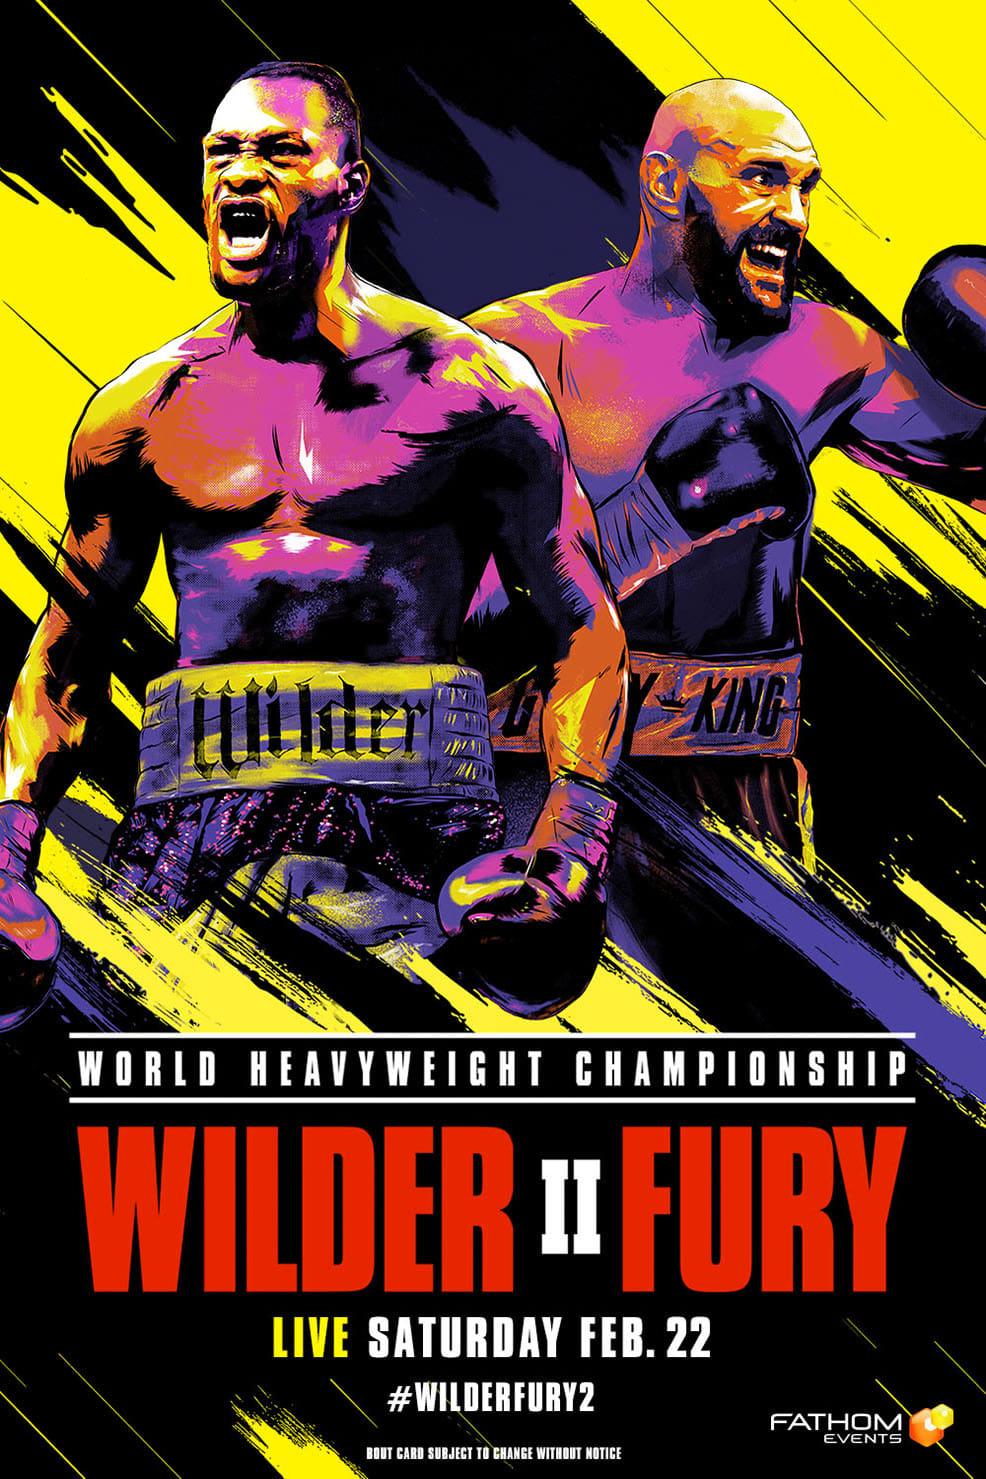 Deontay Wilder vs. Tyson Fury II